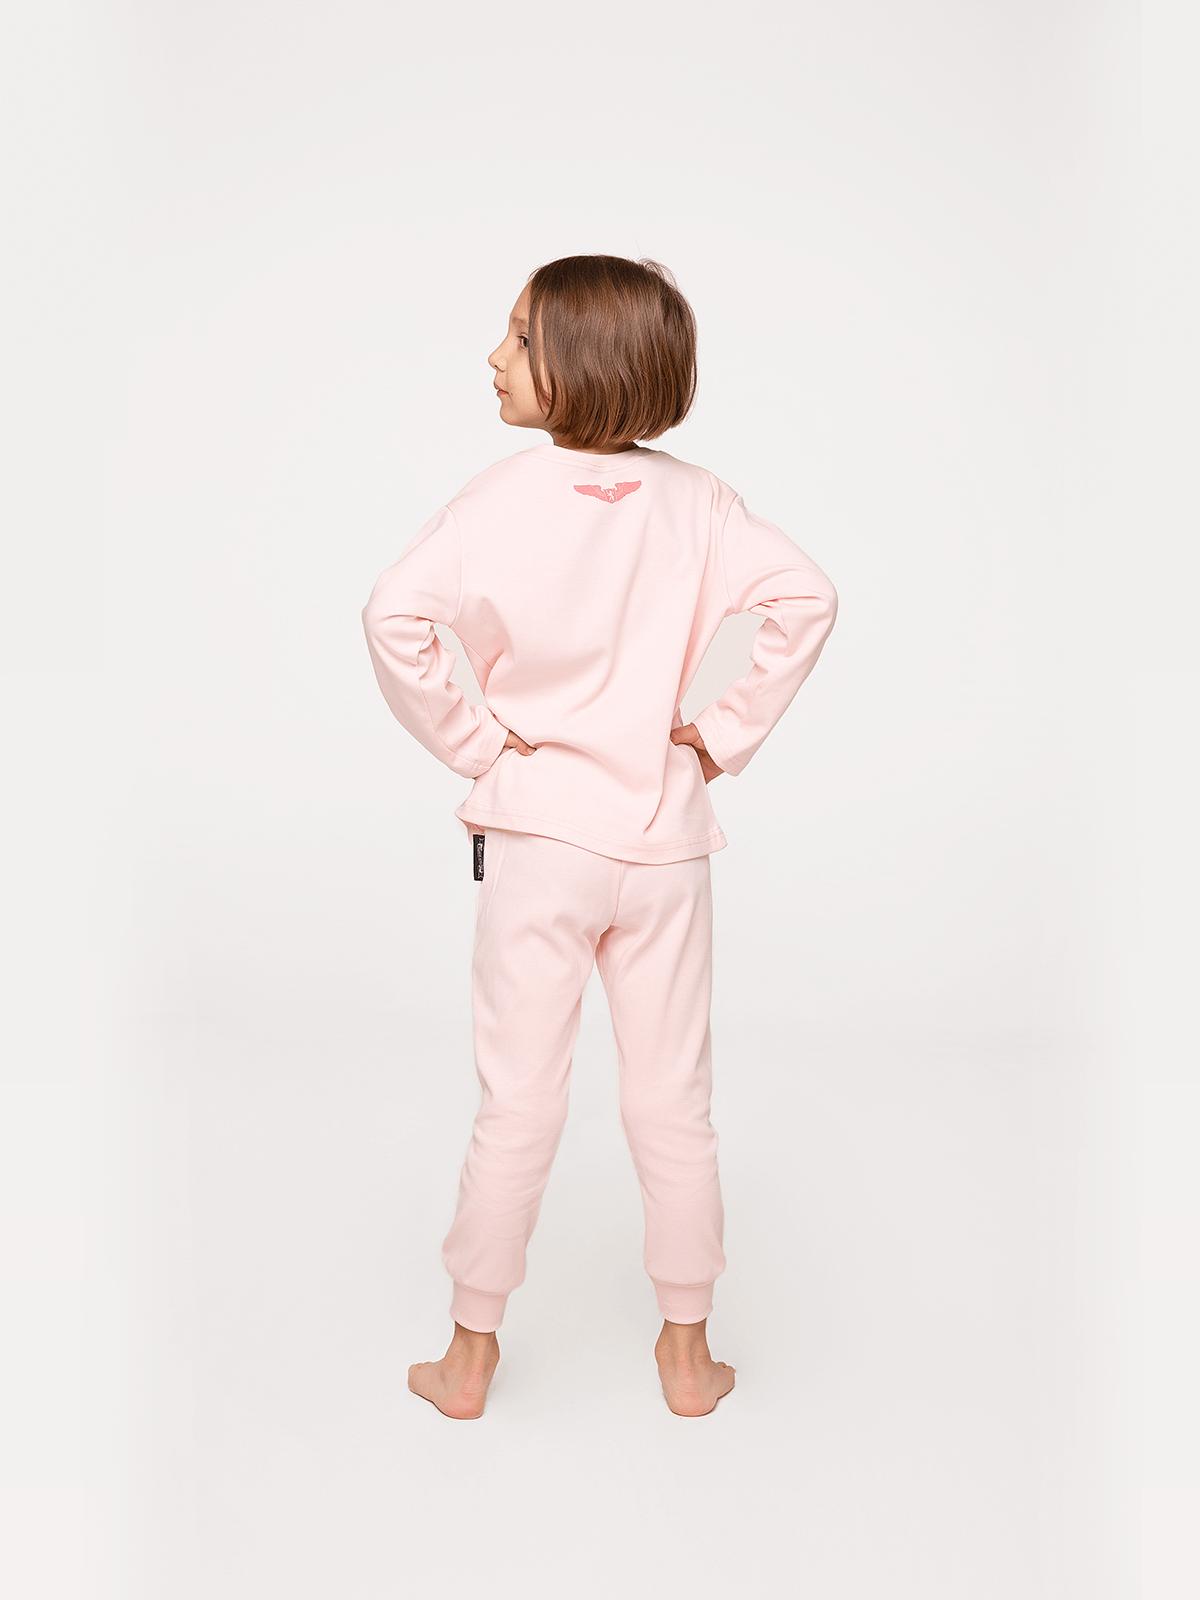 Дитяча Піжама Космічний Чабан. Колір світло-рожевий.  Відтінки кольорів на вашому екрані можуть відрізнятися від кольору оригіналу.